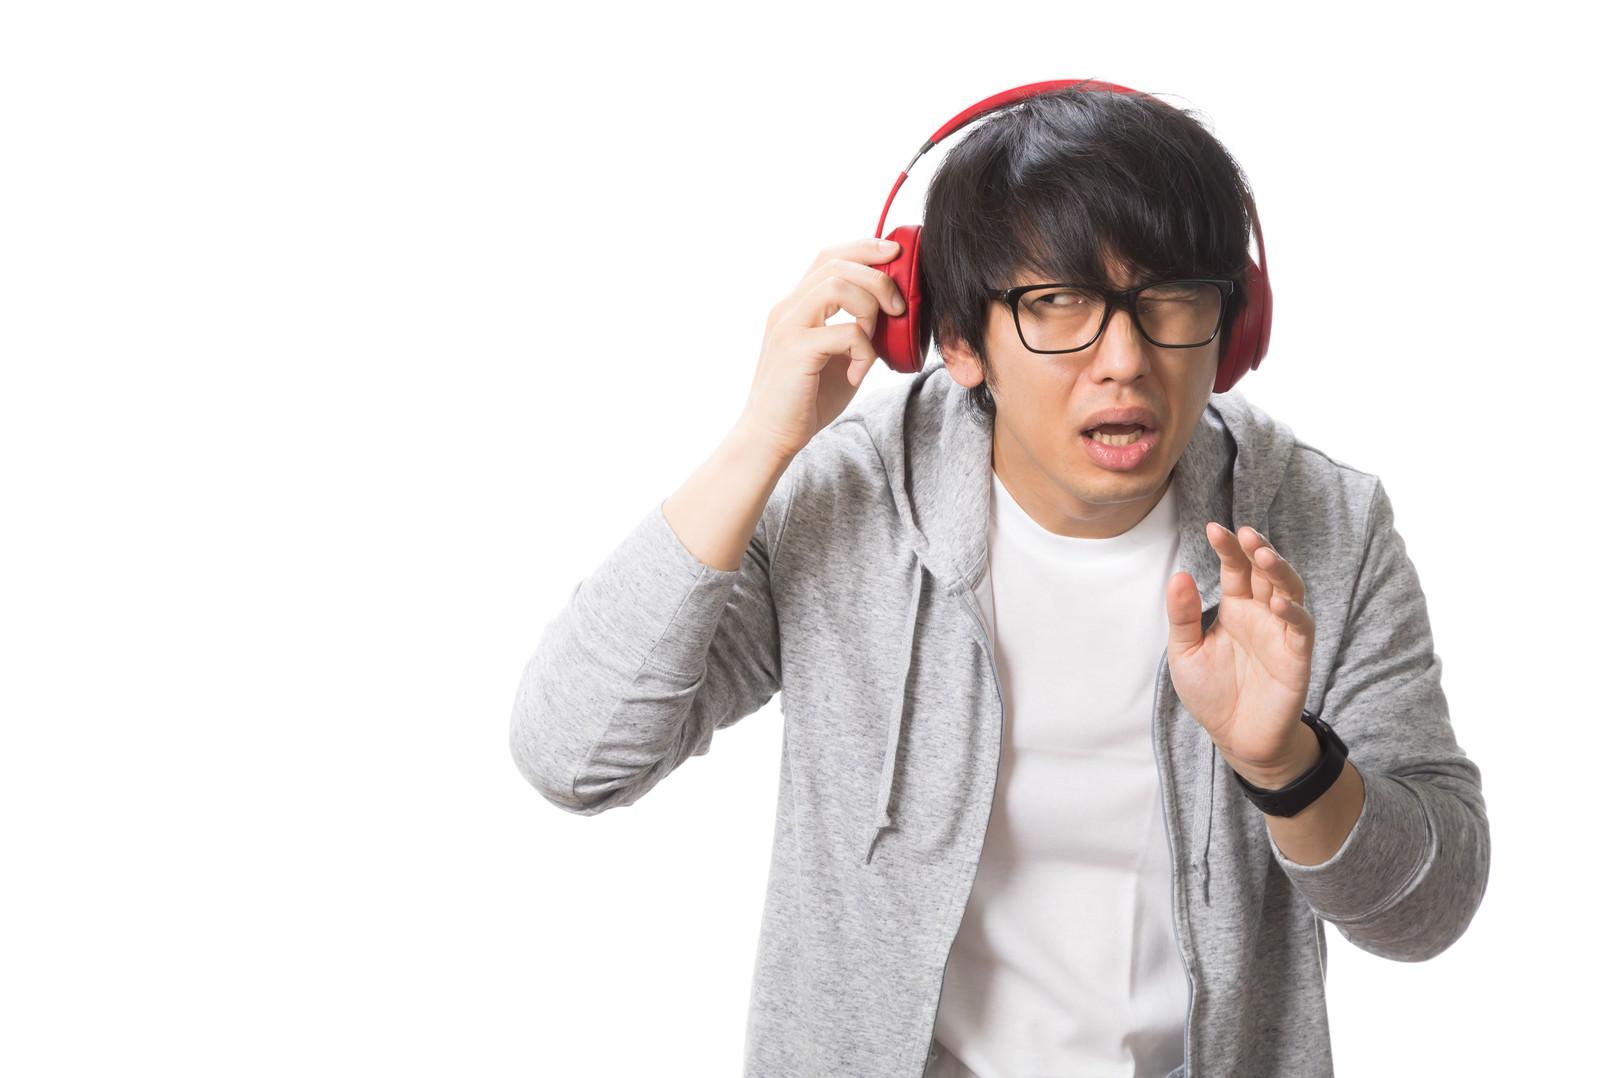 「周囲の音が聞こえず迷惑をかける男性」の写真[モデル:大川竜弥]